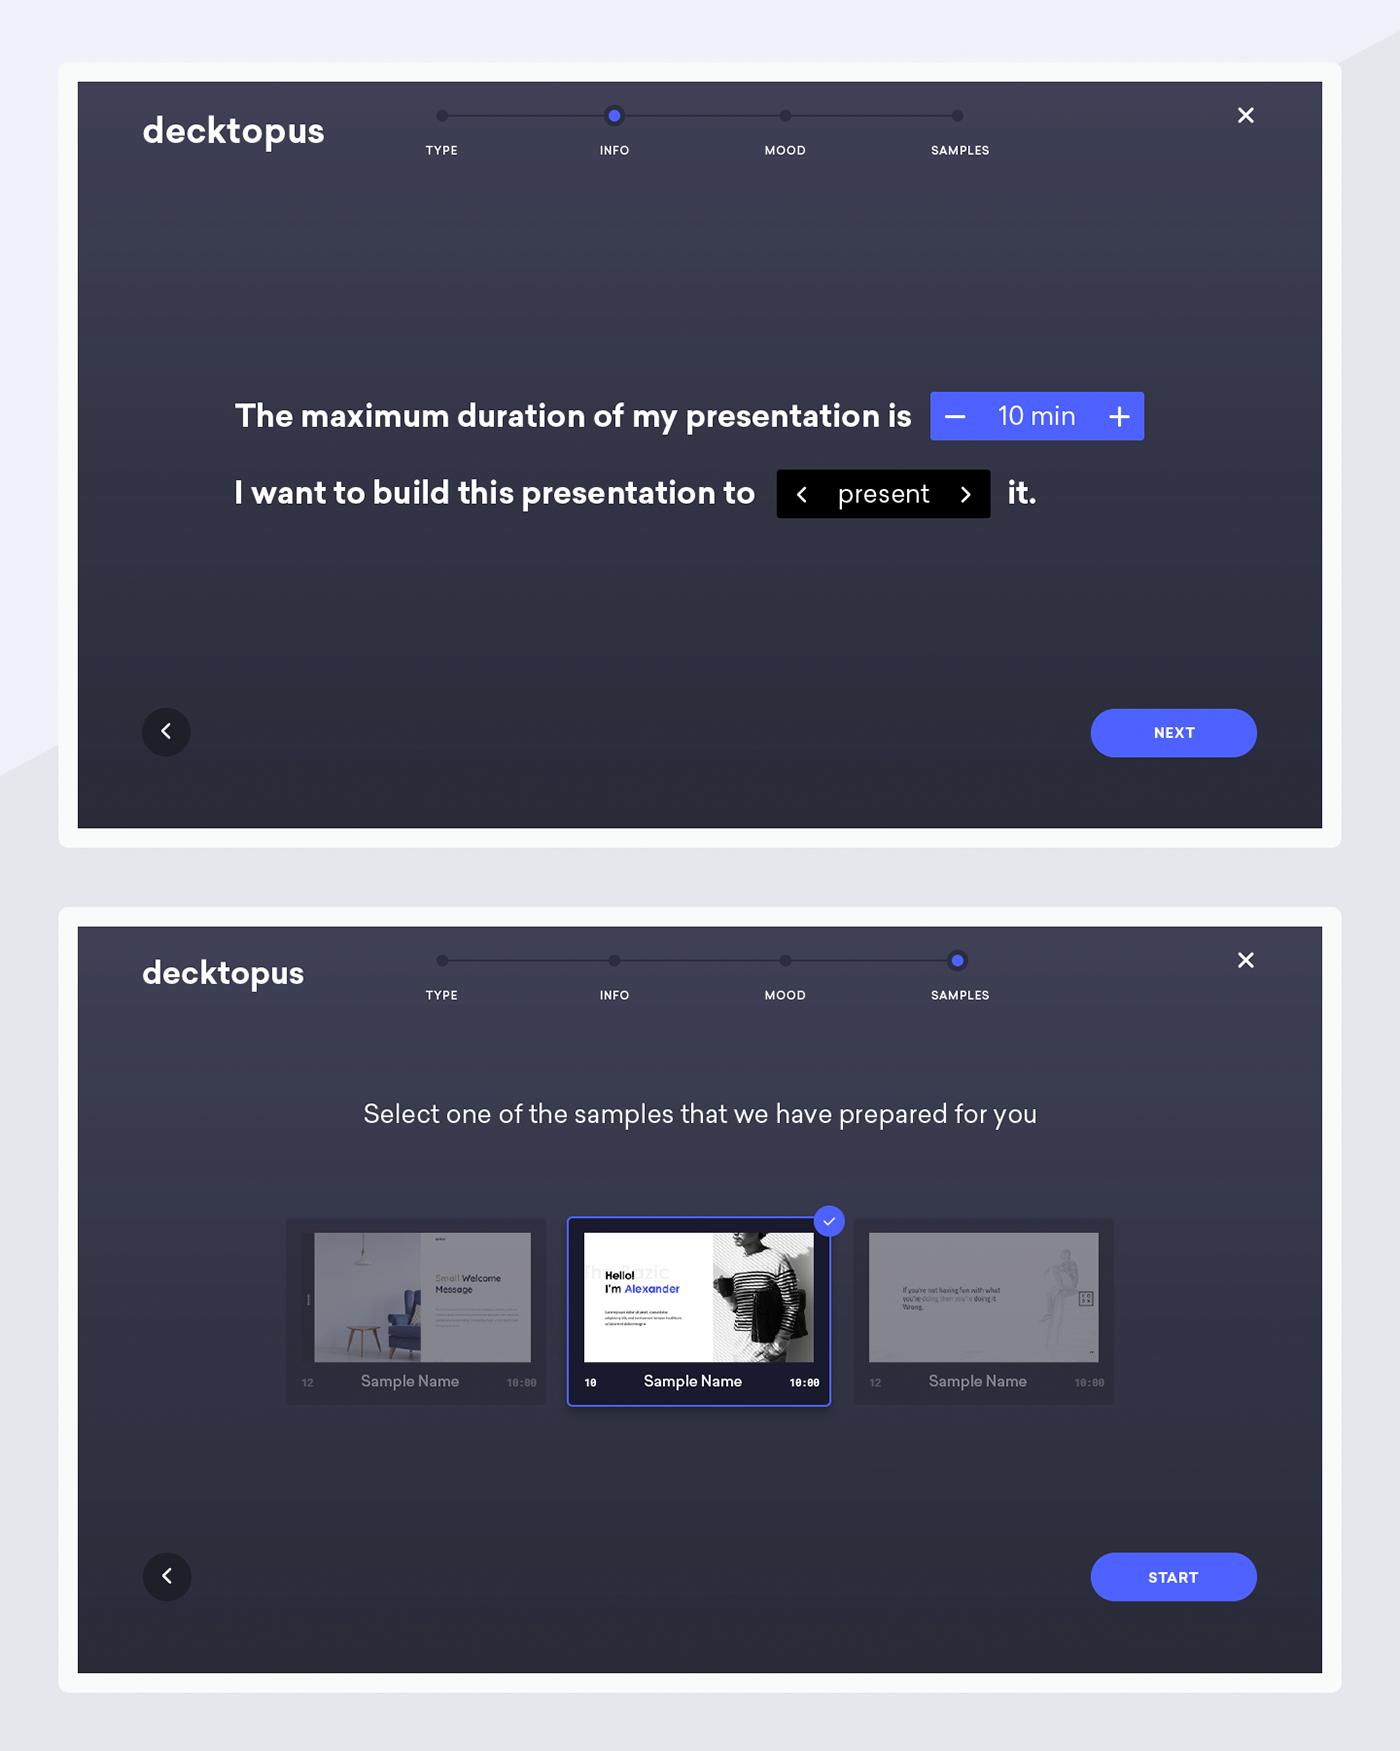 Image may contain: monitor, screenshot and abstract